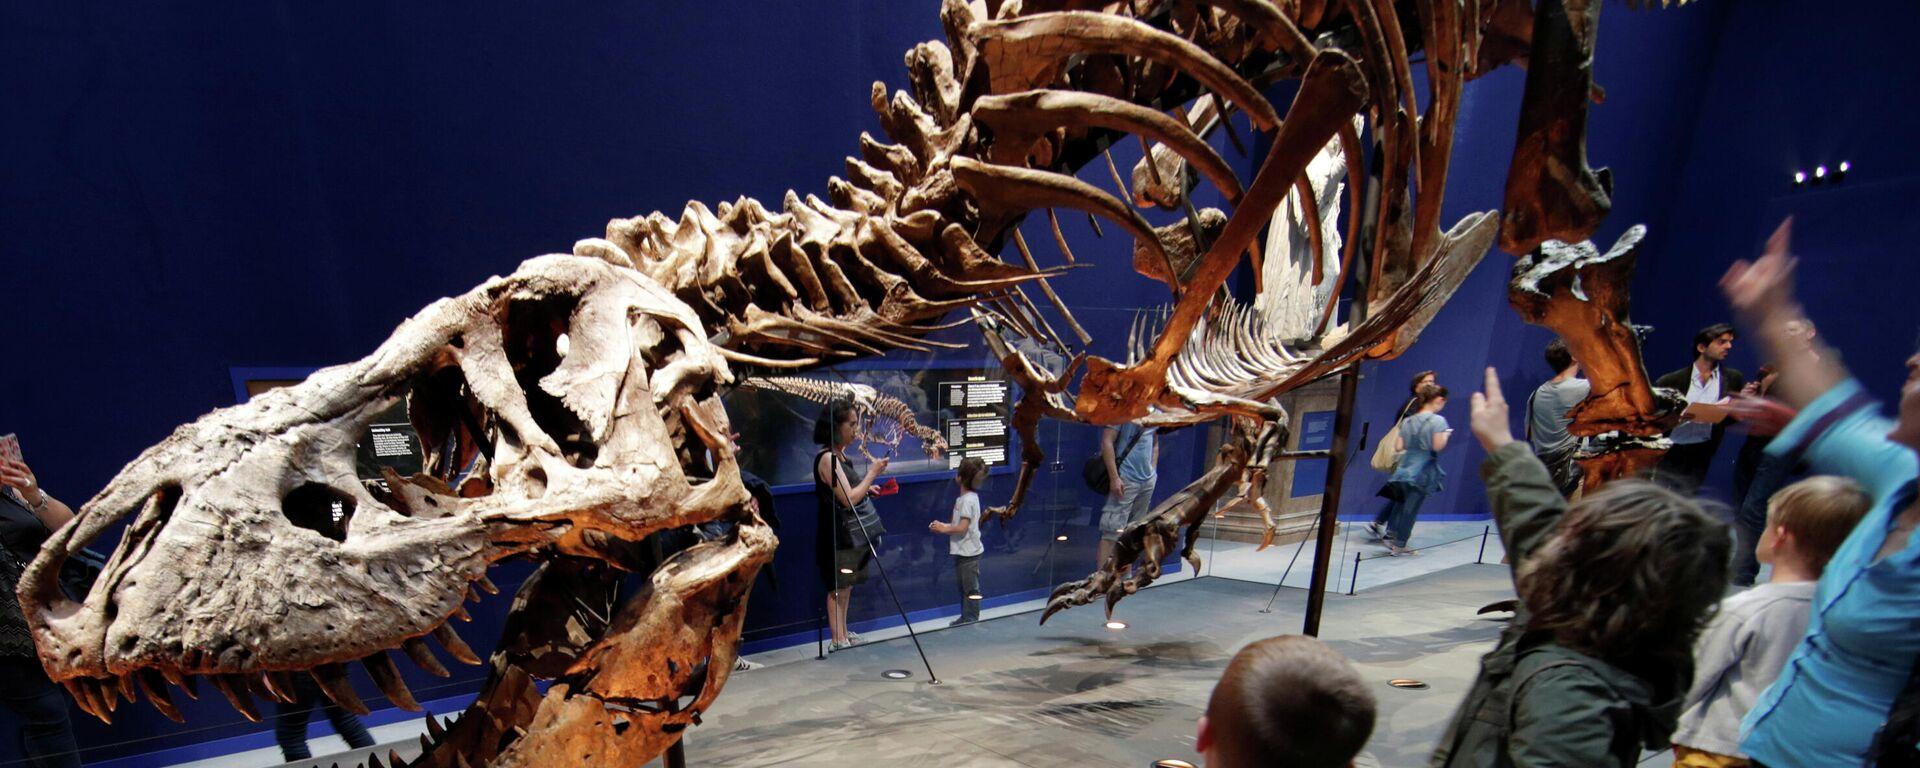 Tyrannosaurus rex - SNA, 1920, 21.04.2021